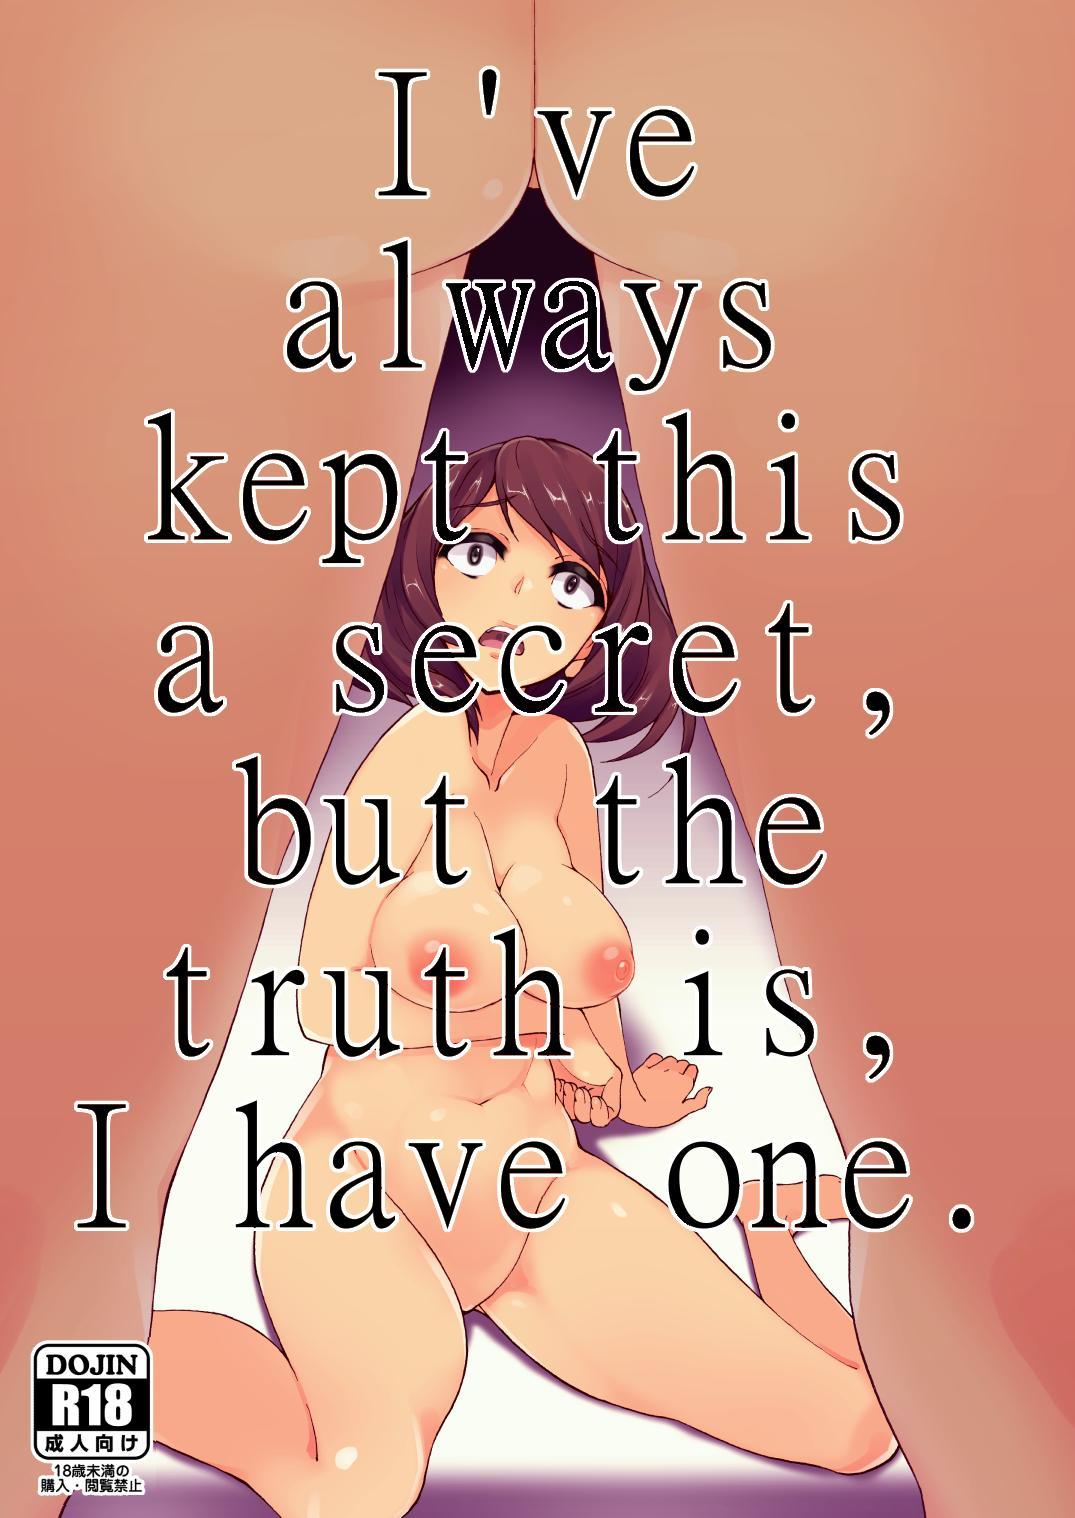 Zutto Naisho ni Shiteta kedo, Jitsu wa Watashi, Haeteru no.   I've always kept this a secret, but the truth is, I have one 0